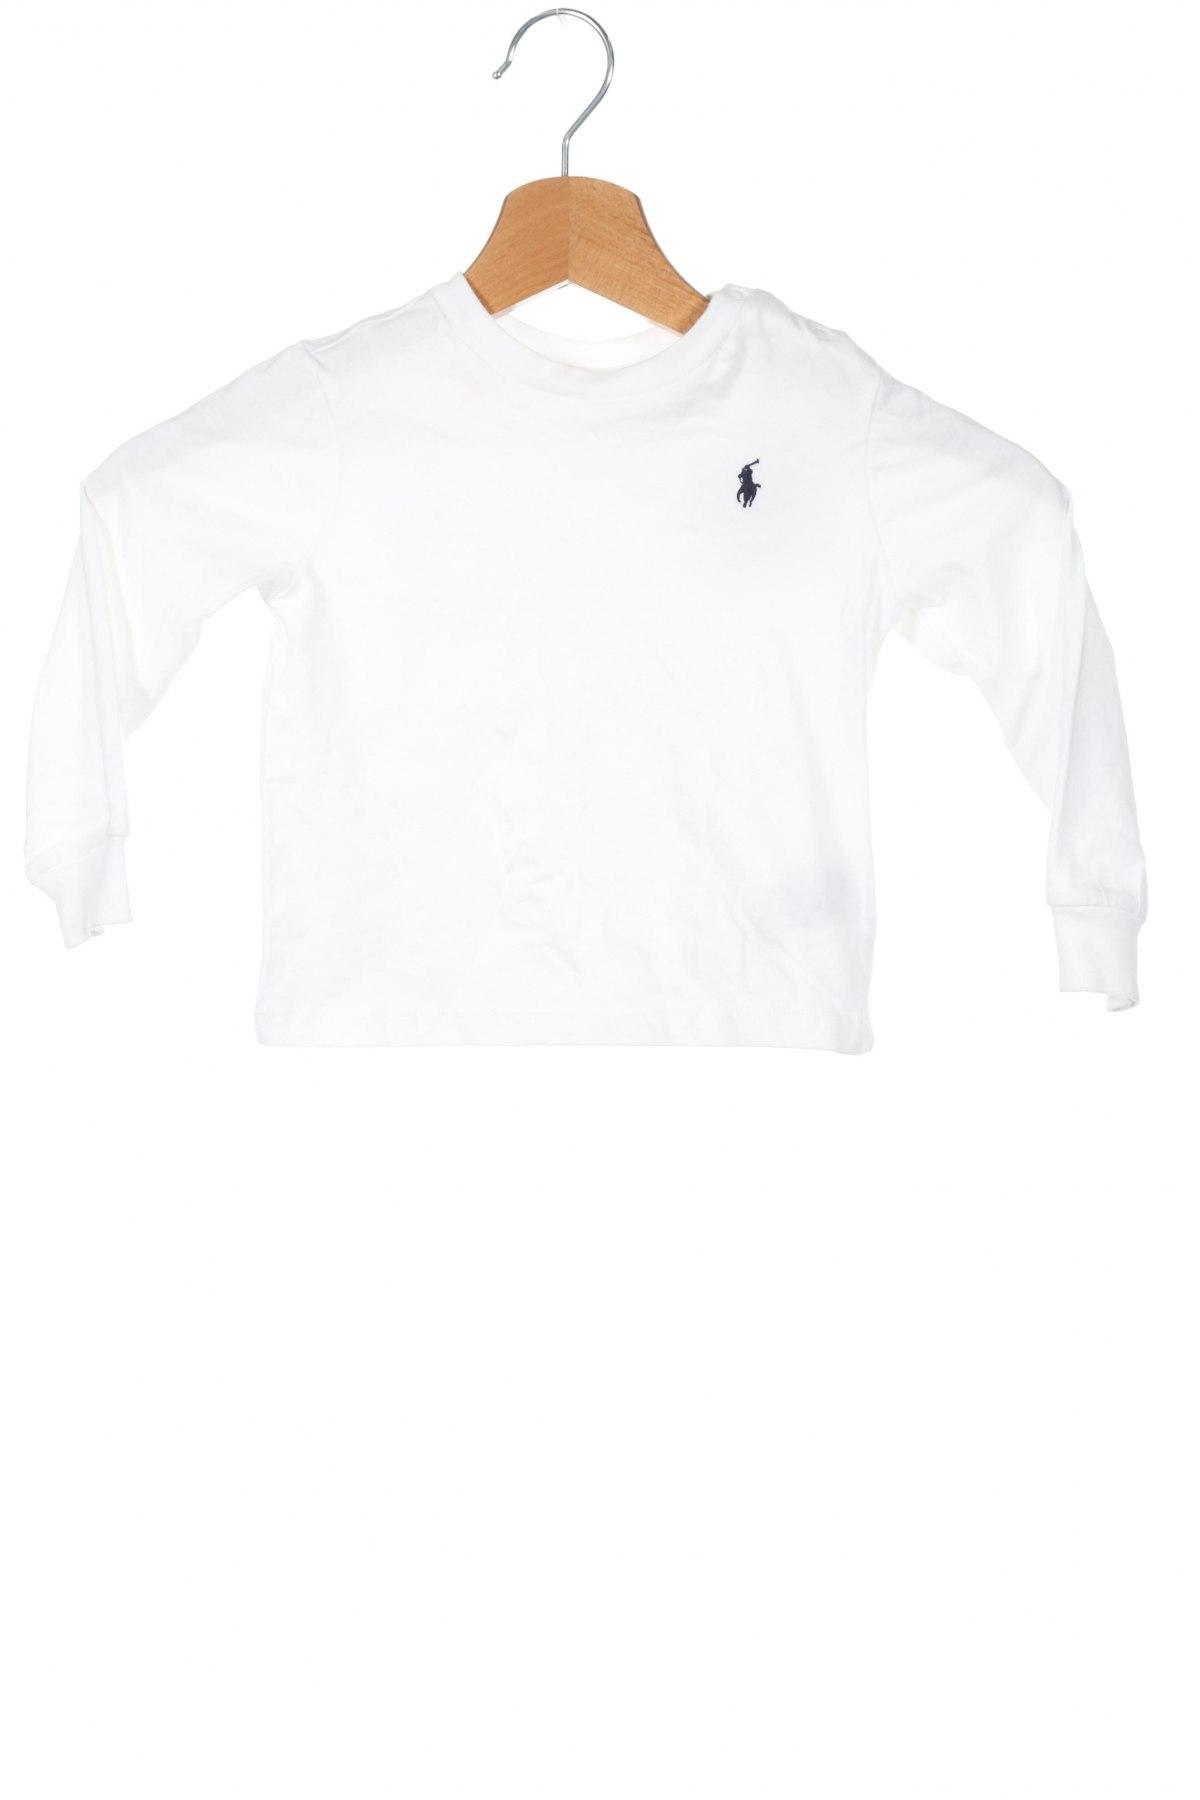 Παιδική μπλούζα Ralph Lauren, Μέγεθος 9-12m/ 74-80 εκ., Χρώμα Λευκό, Βαμβάκι, Τιμή 22,81€